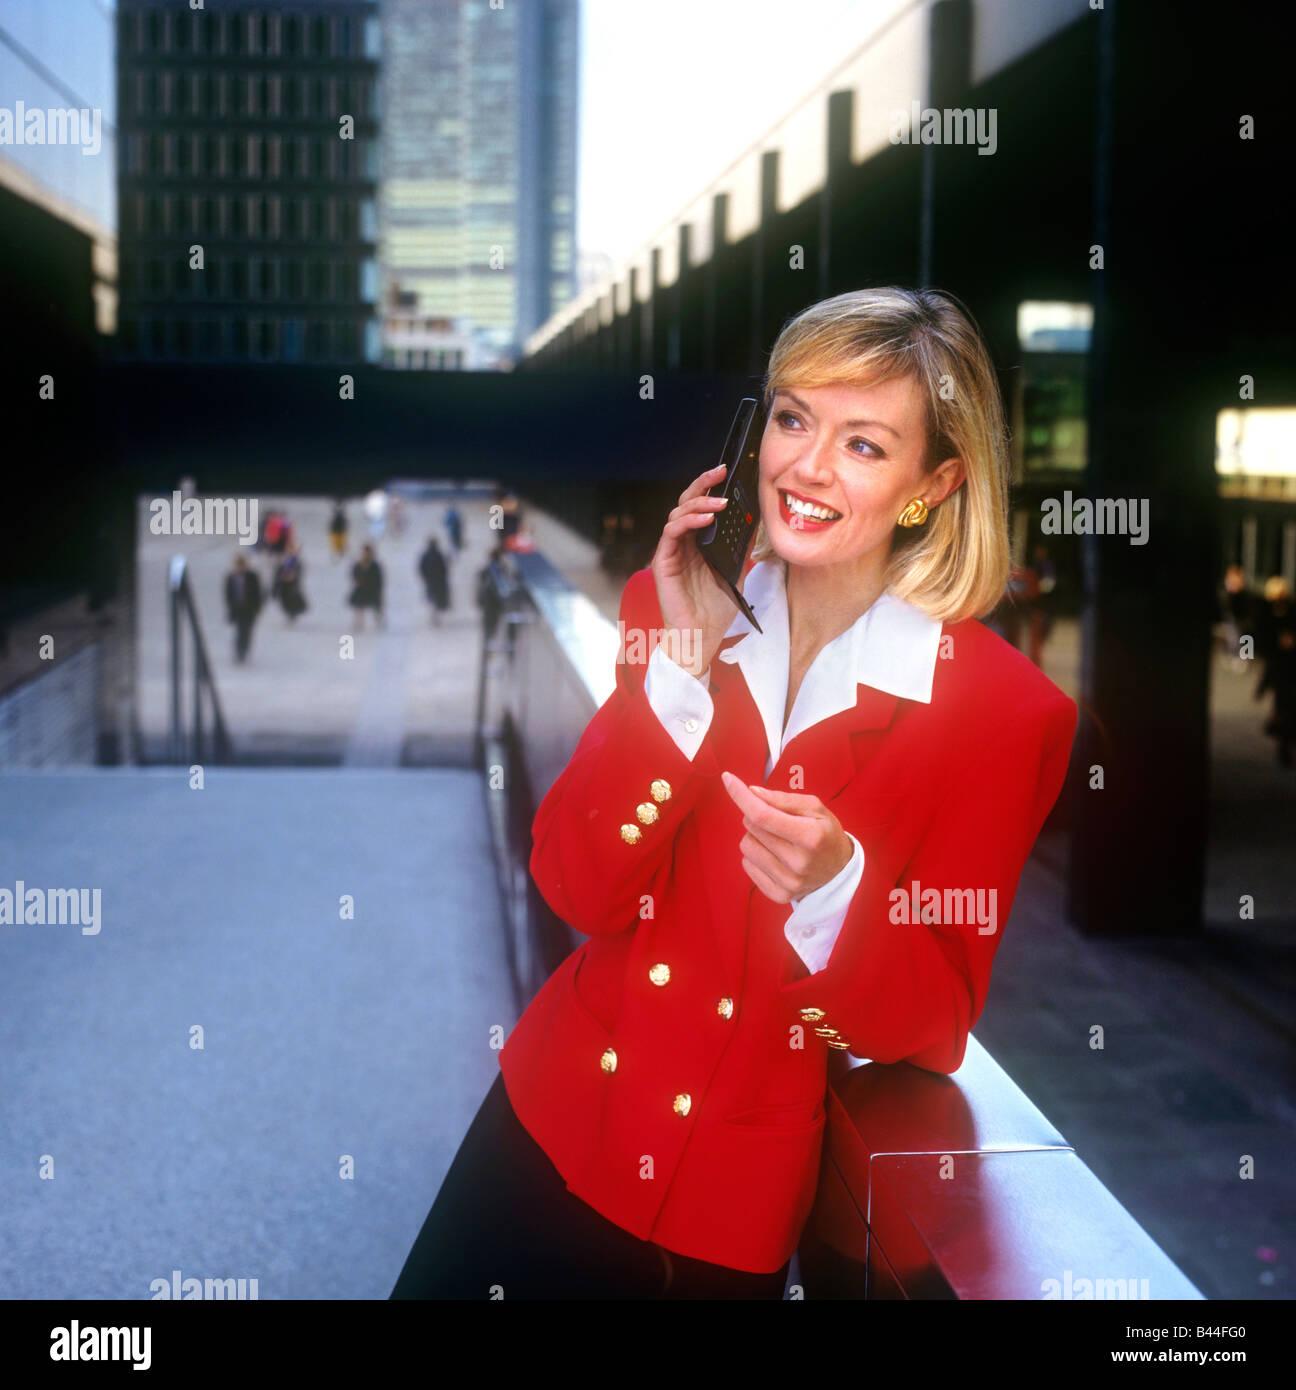 1980er Werbung Foto Modell Bild zur Veranschaulichung von Executive Geschäftsfrau mit frühen ersten Generation Stockbild